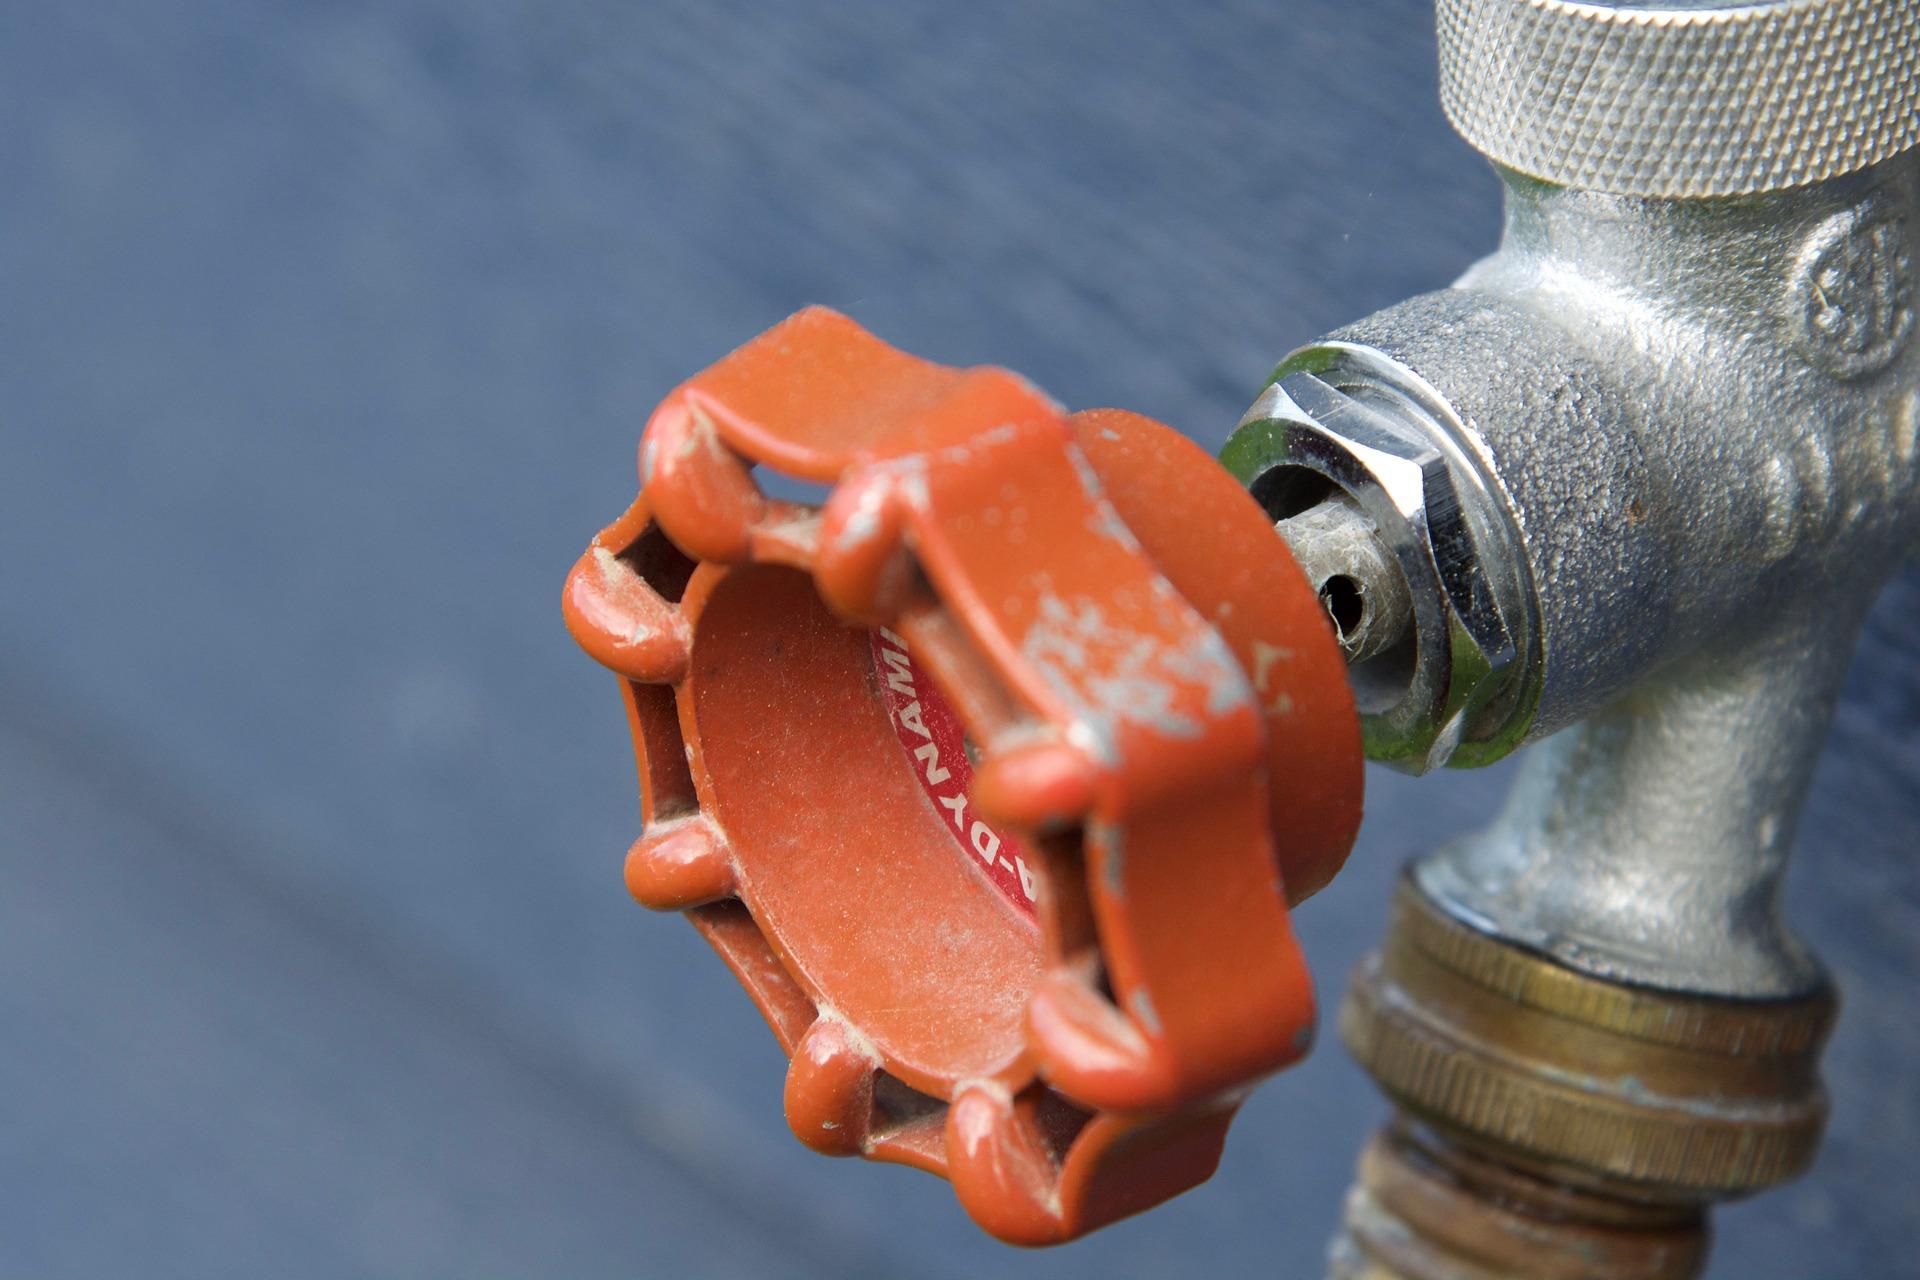 pipe-2445176_1920.jpg